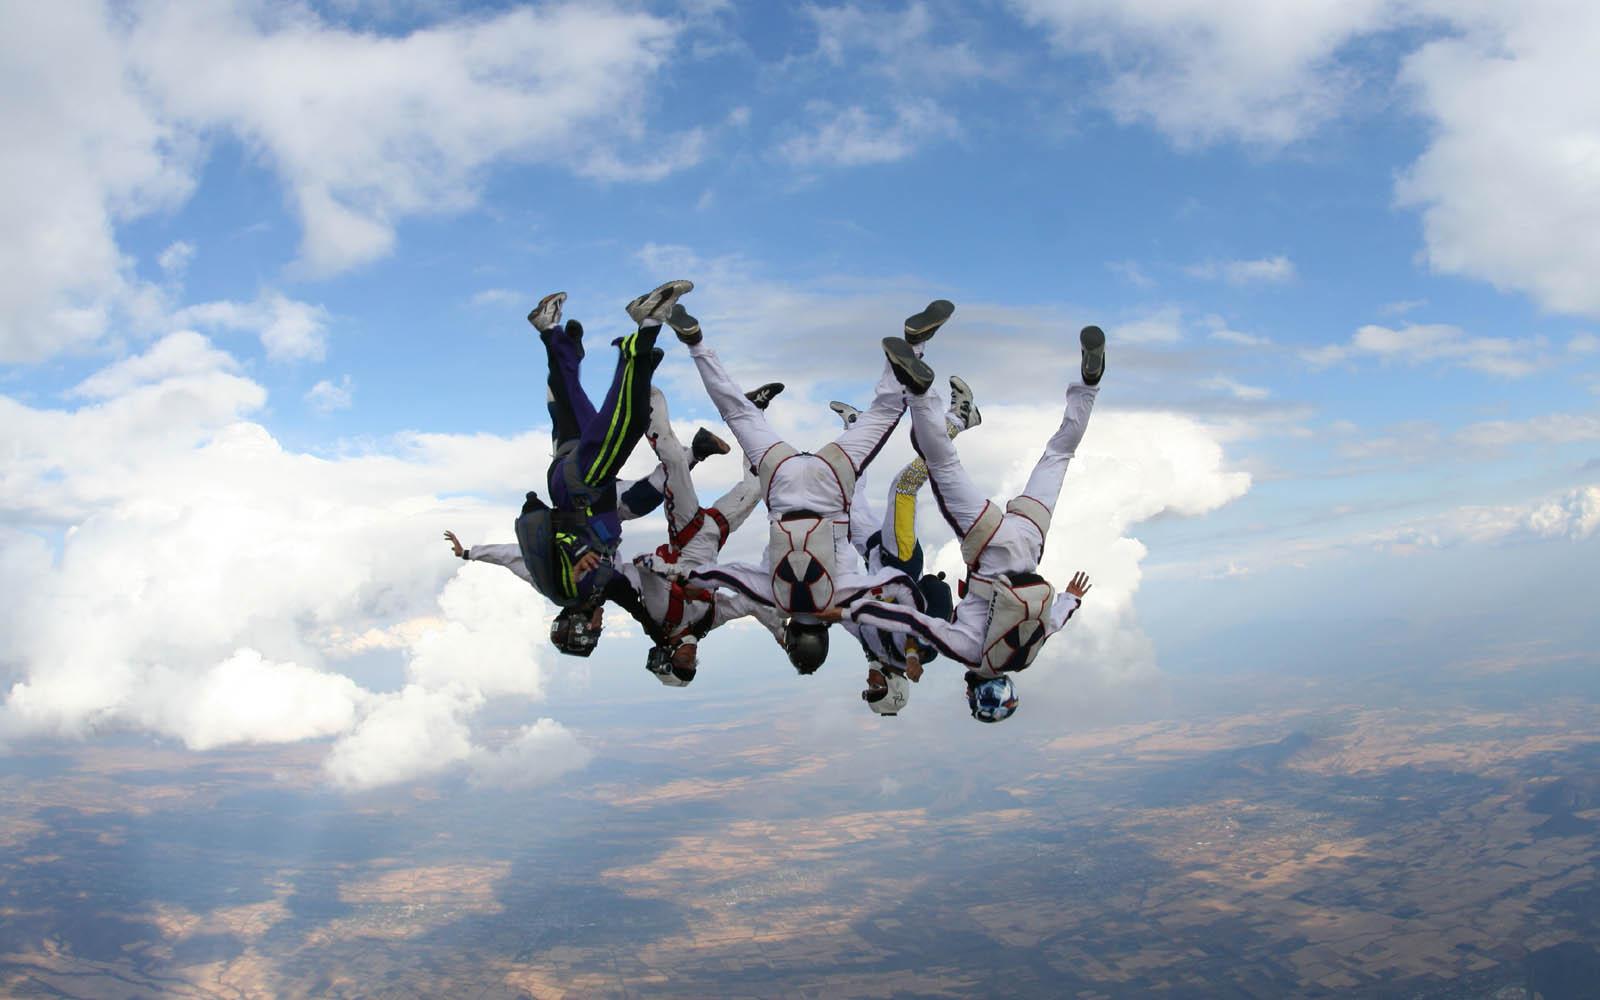 6881775-skydiving